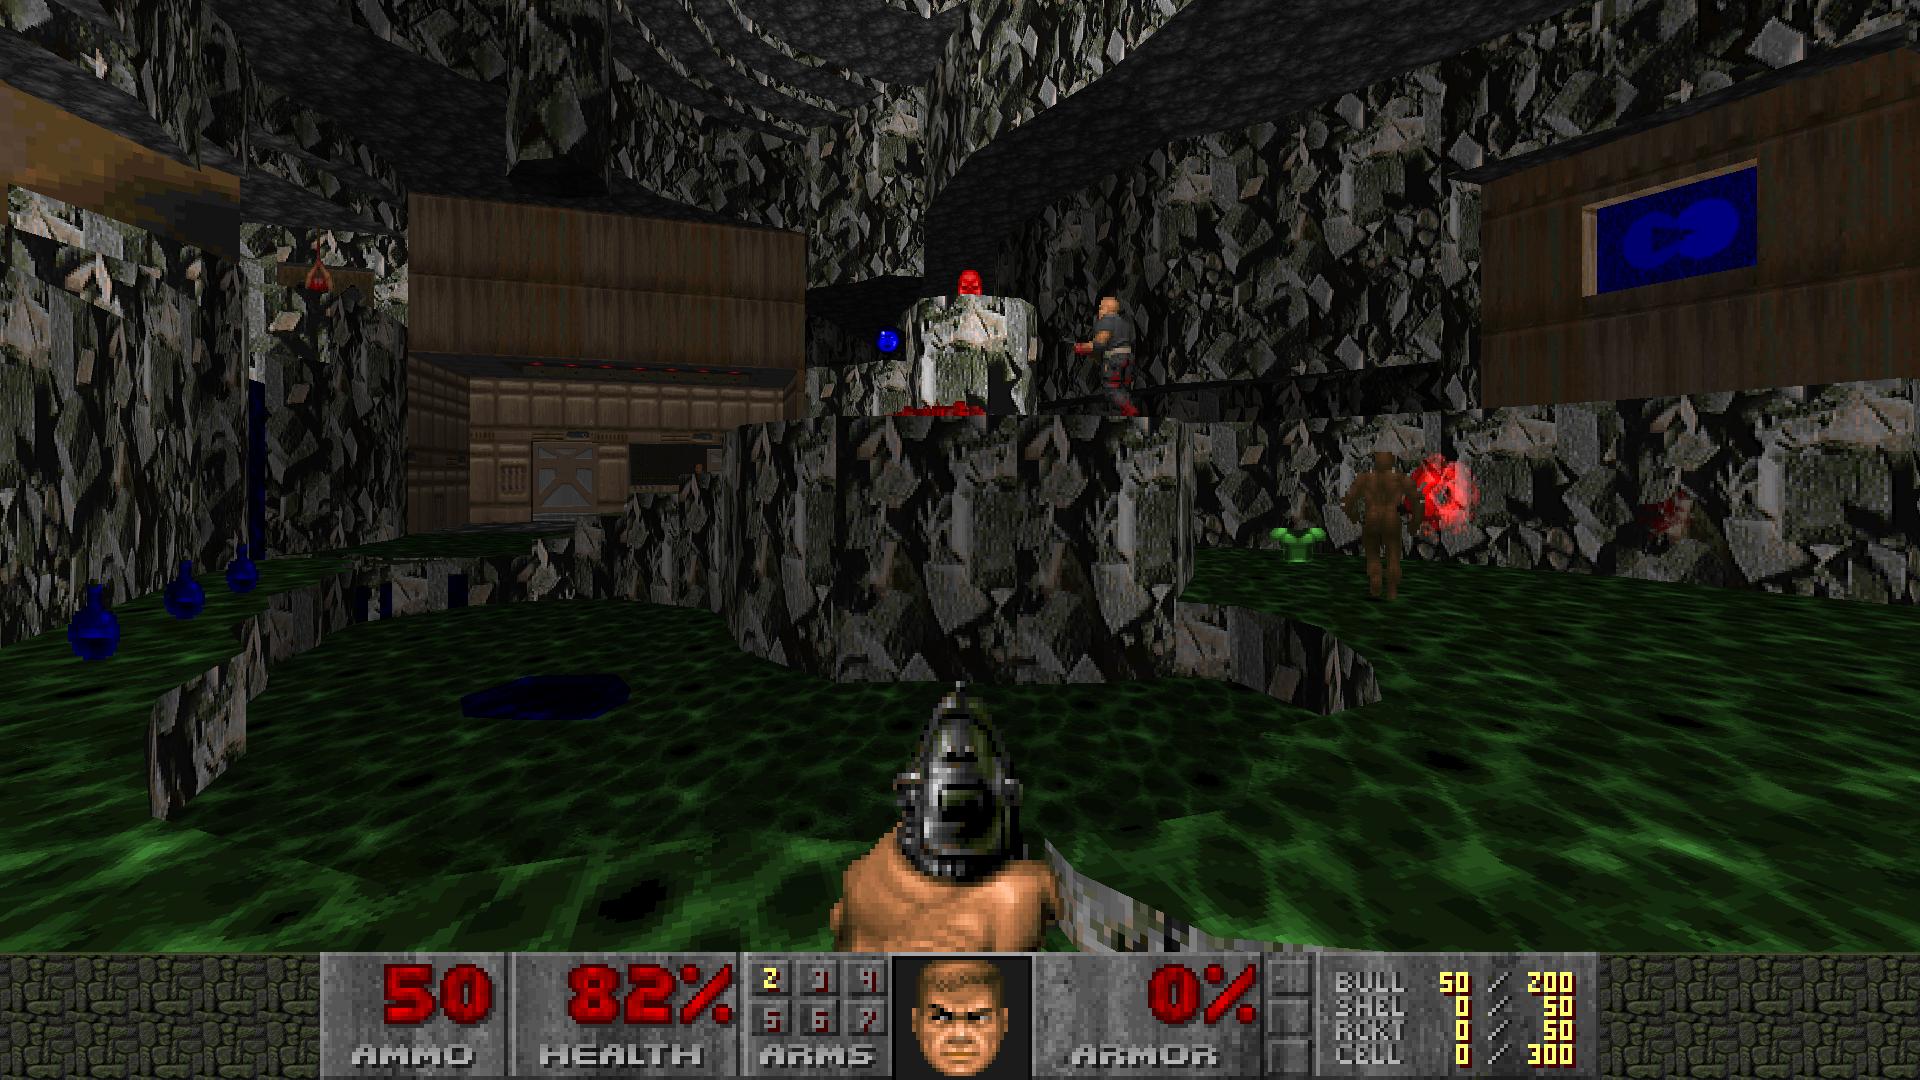 Screenshot_Doom_20200417_204050.png.0793621f3f03b0834758318382d8c0d2.png